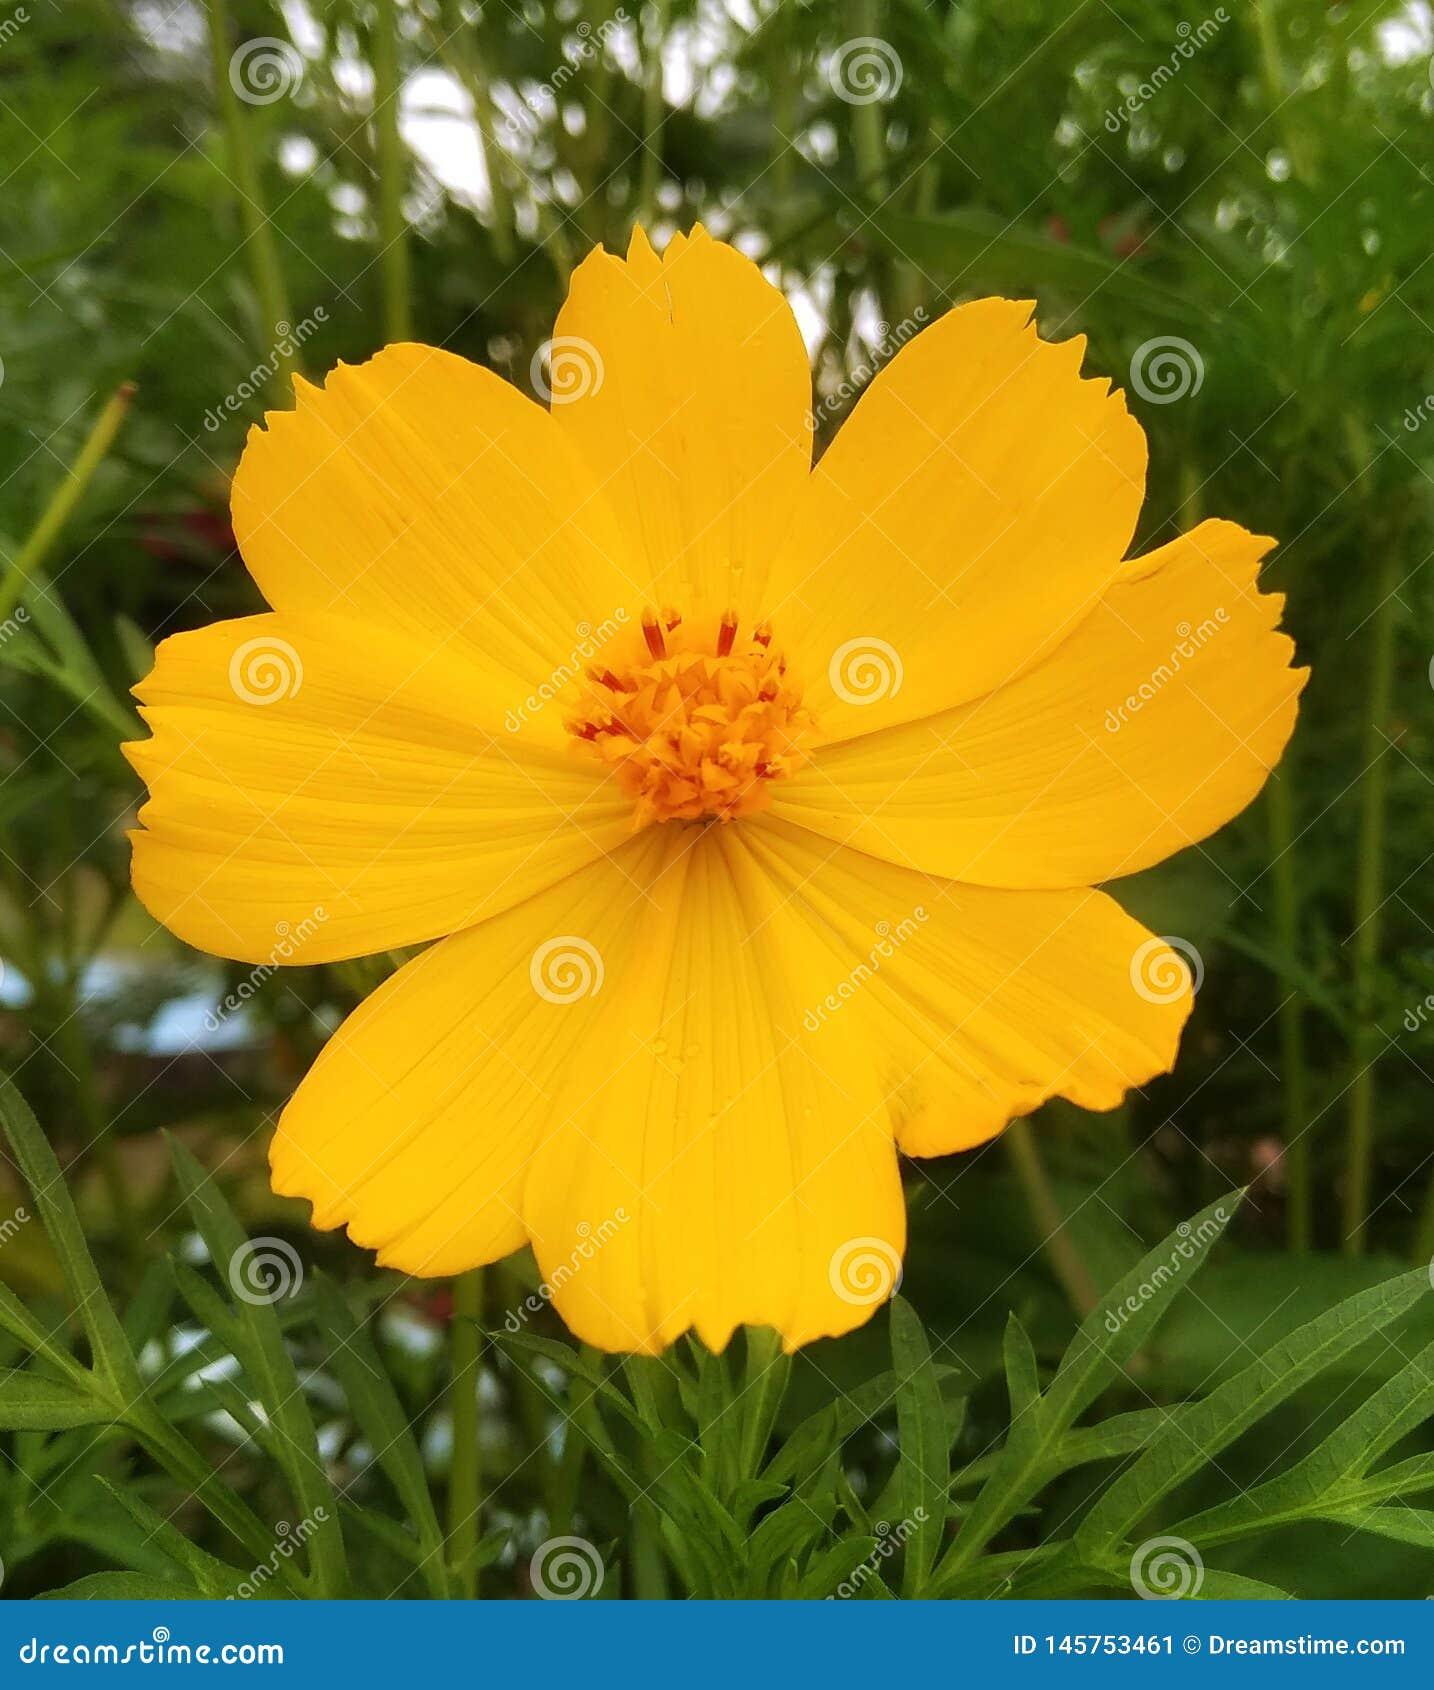 Schönes Landschaftsbild von gelben Blumen und passend für Tapeten